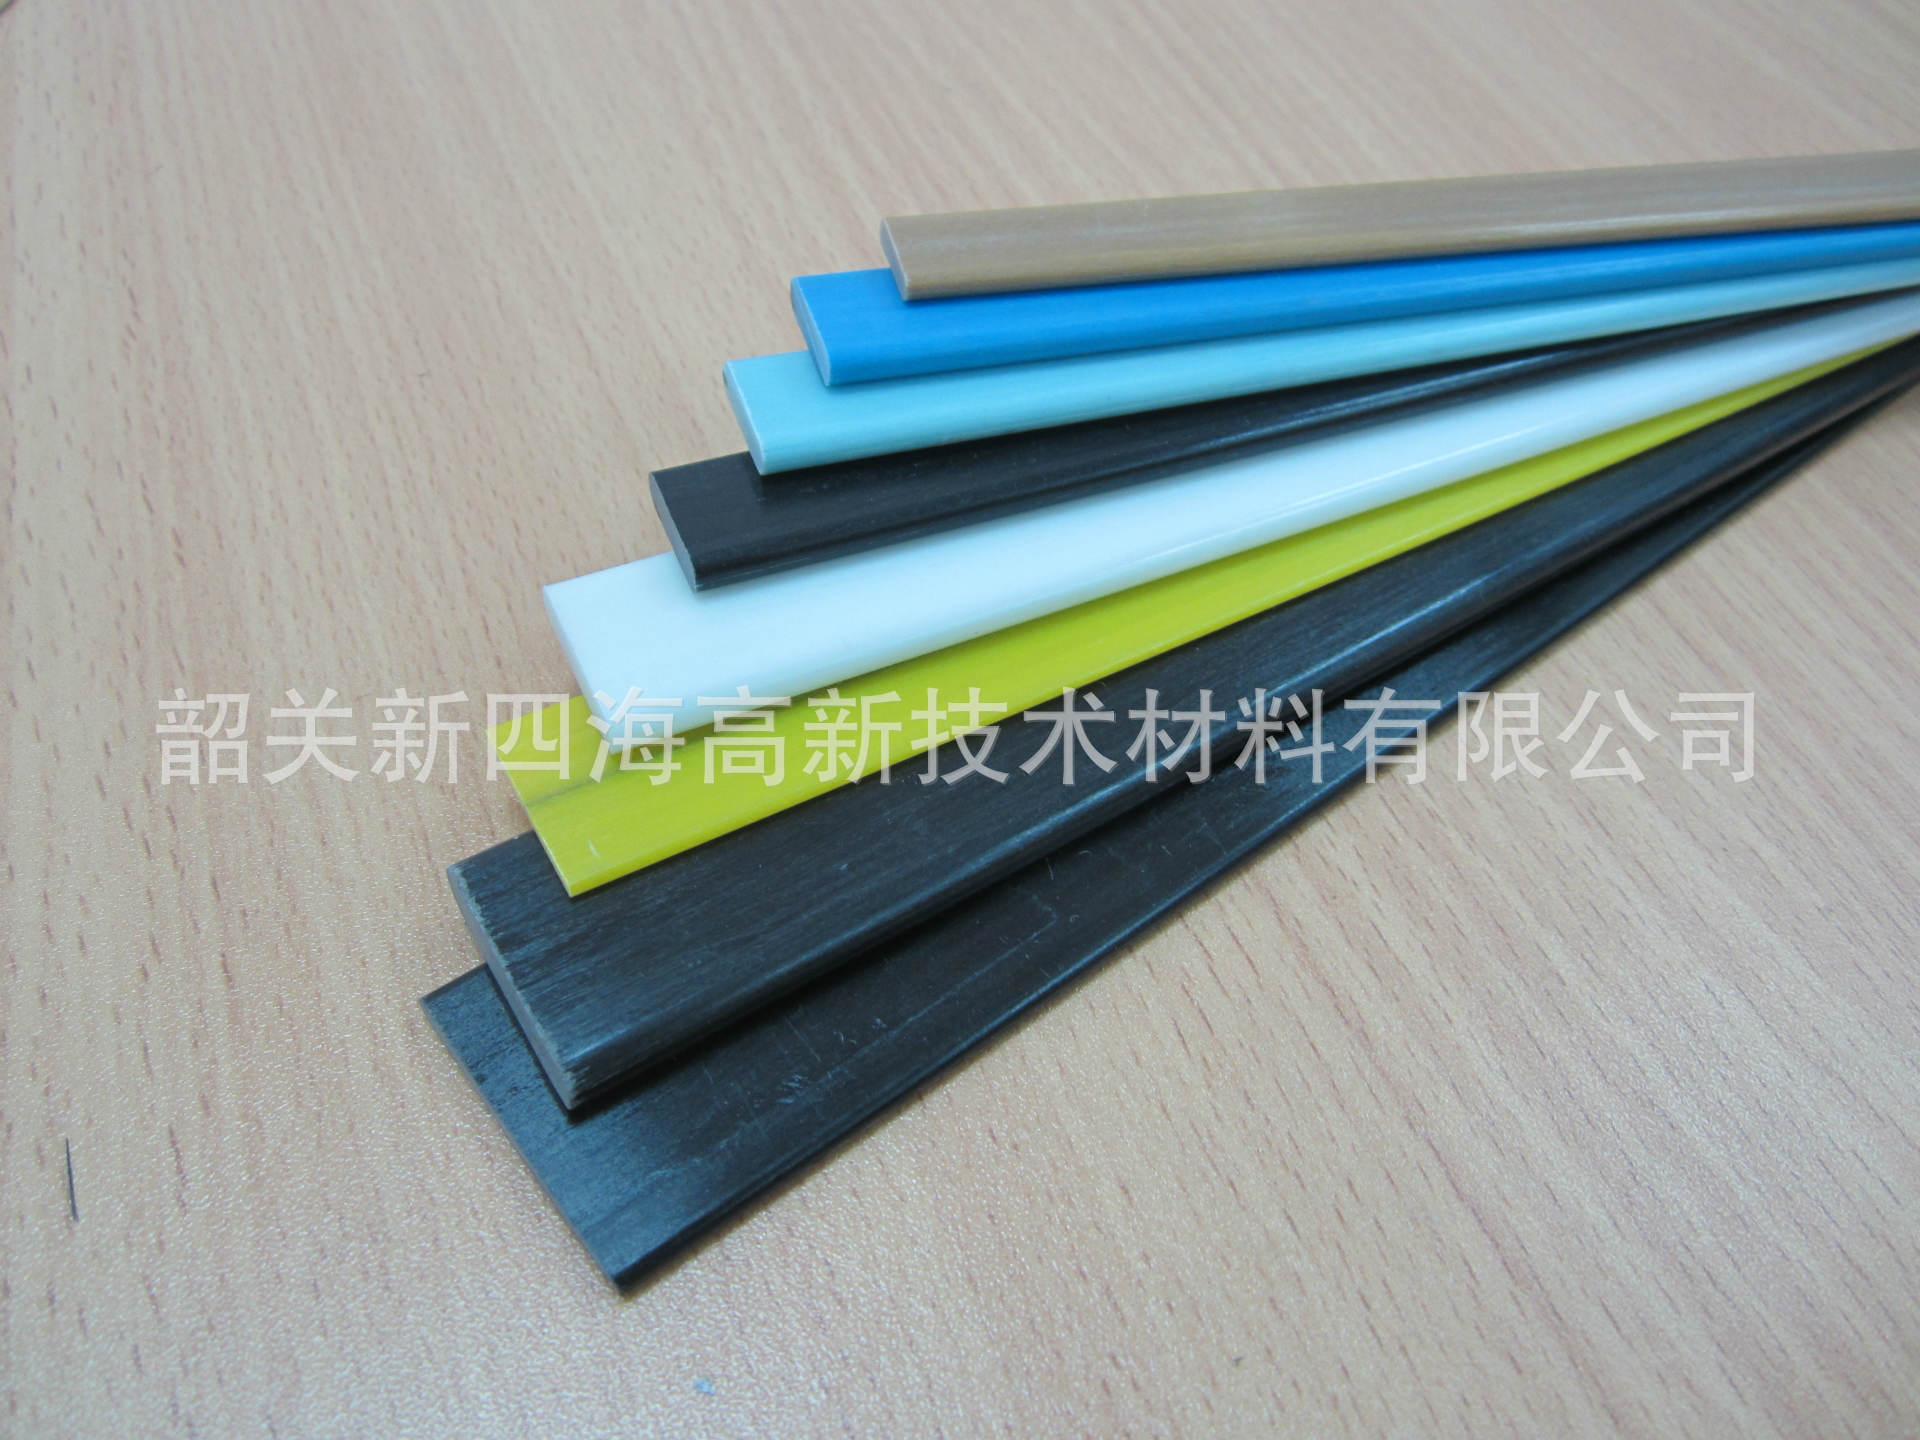 玻璃纤维扁条风帆支架耐腐蚀高强度